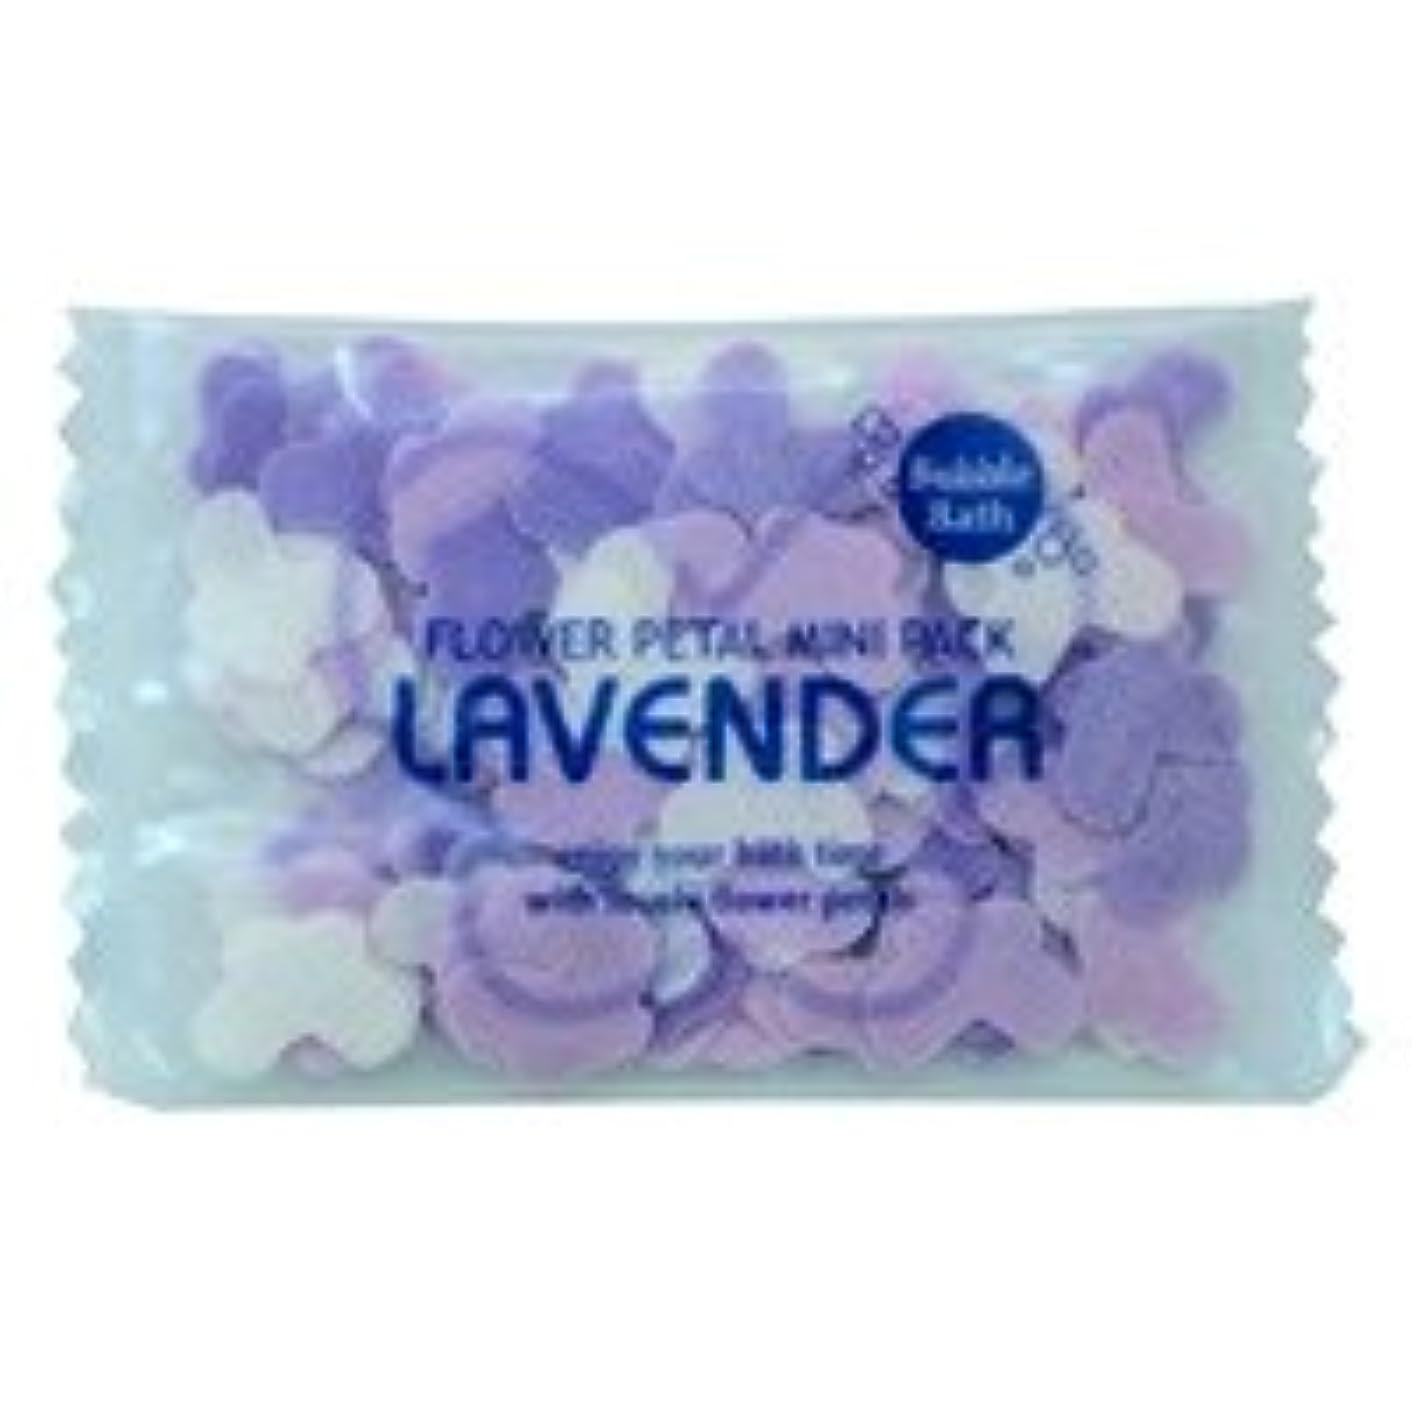 救援資格ゴールデンフラワーペタル バブルバス ミニパック「ラベンダー」20個セット ゆったりリラックスしたい日に心を癒してくれるやさしいラベンダーの香り